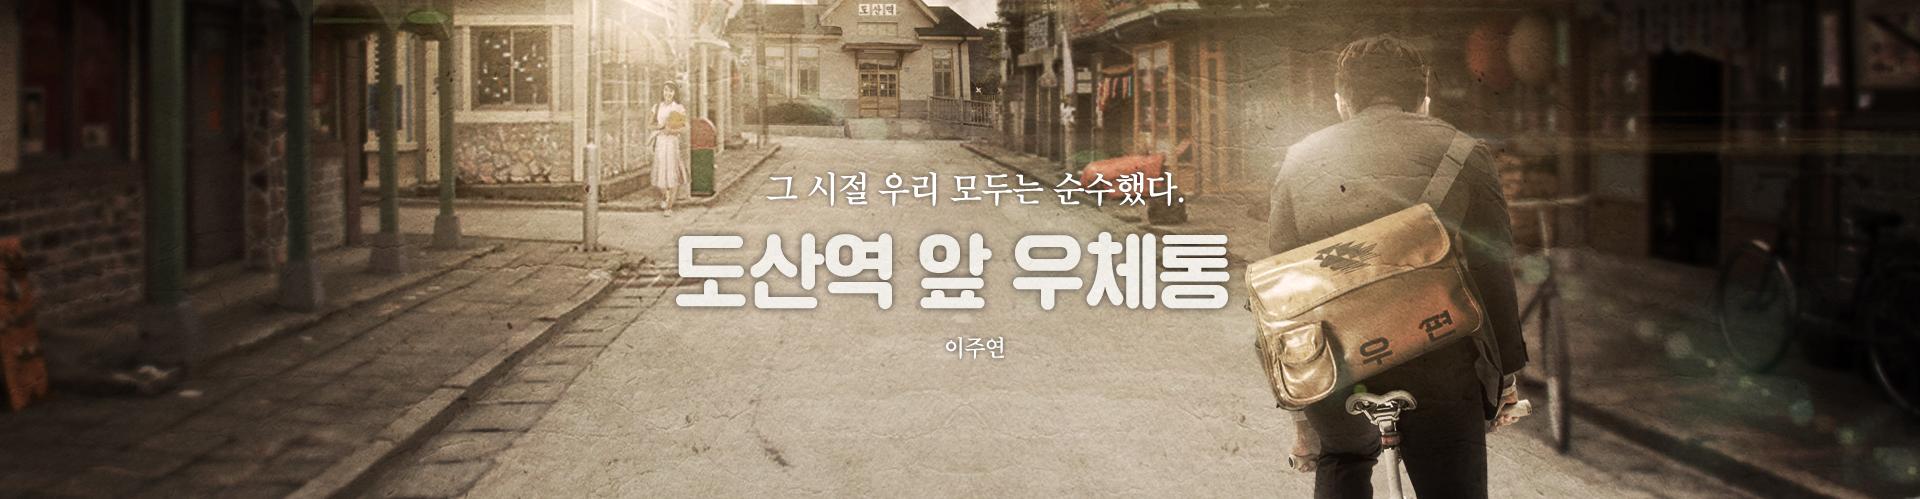 도산역 앞 우체통스토리 이미지